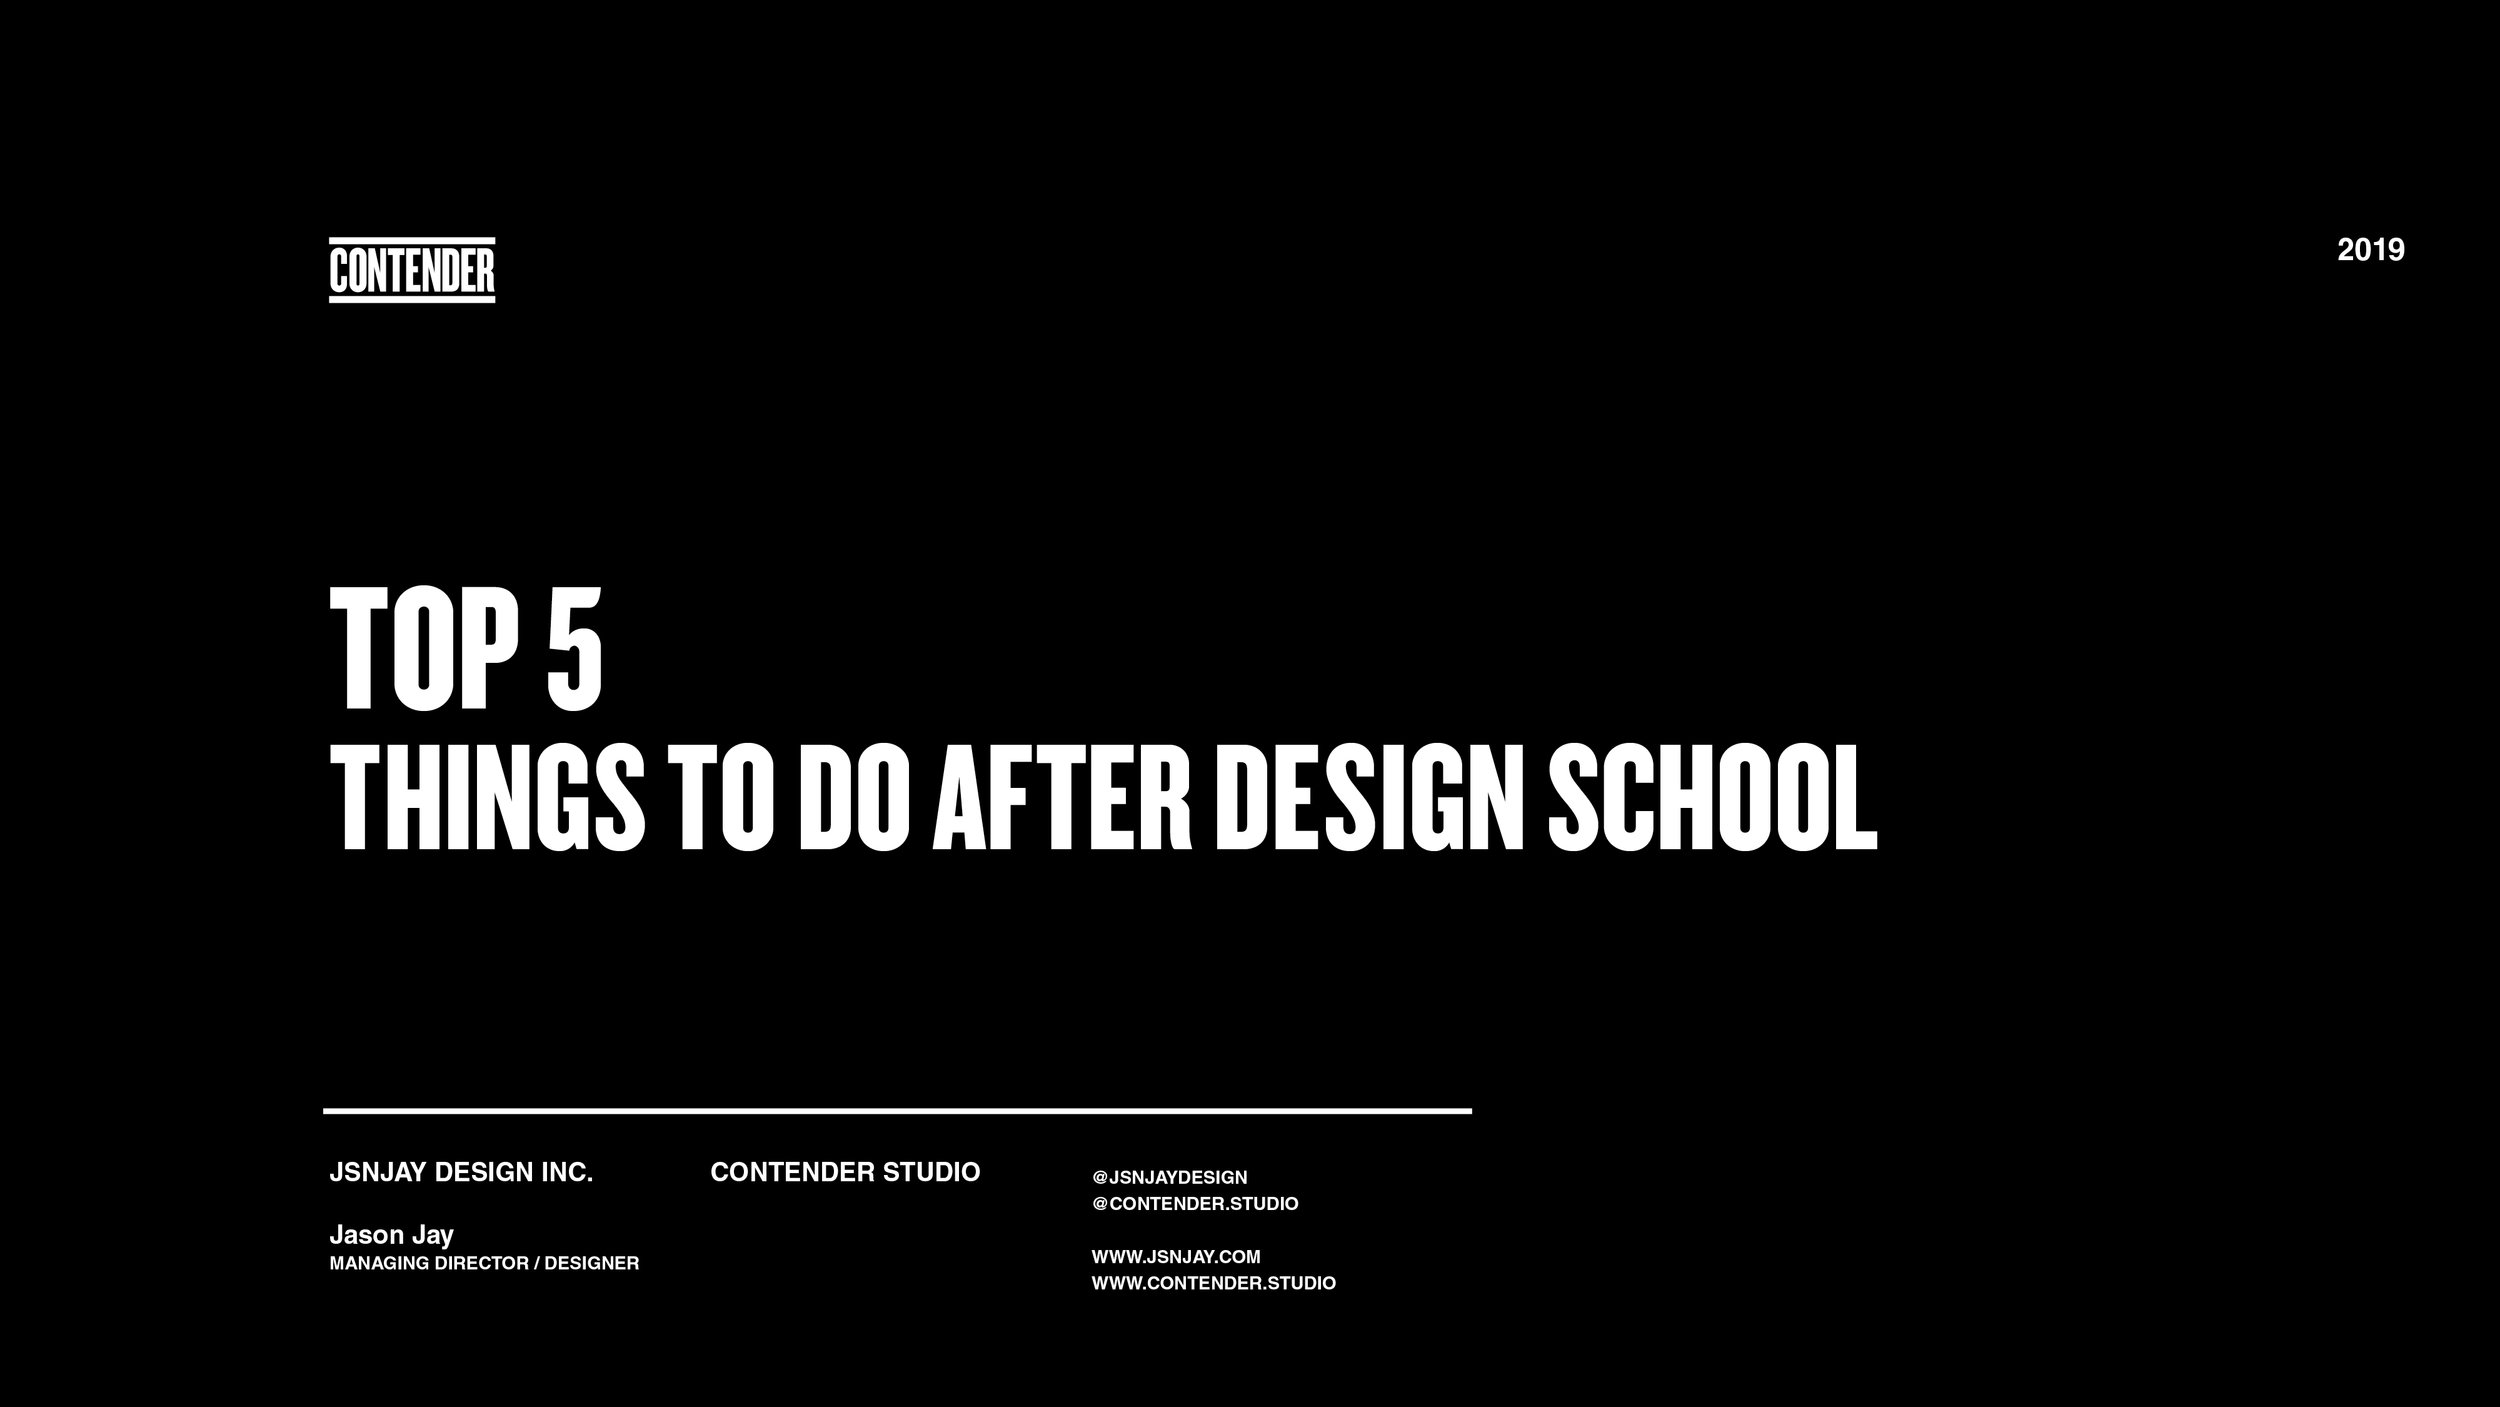 Contender-Studio-Top-5-After-Design-school.jpg